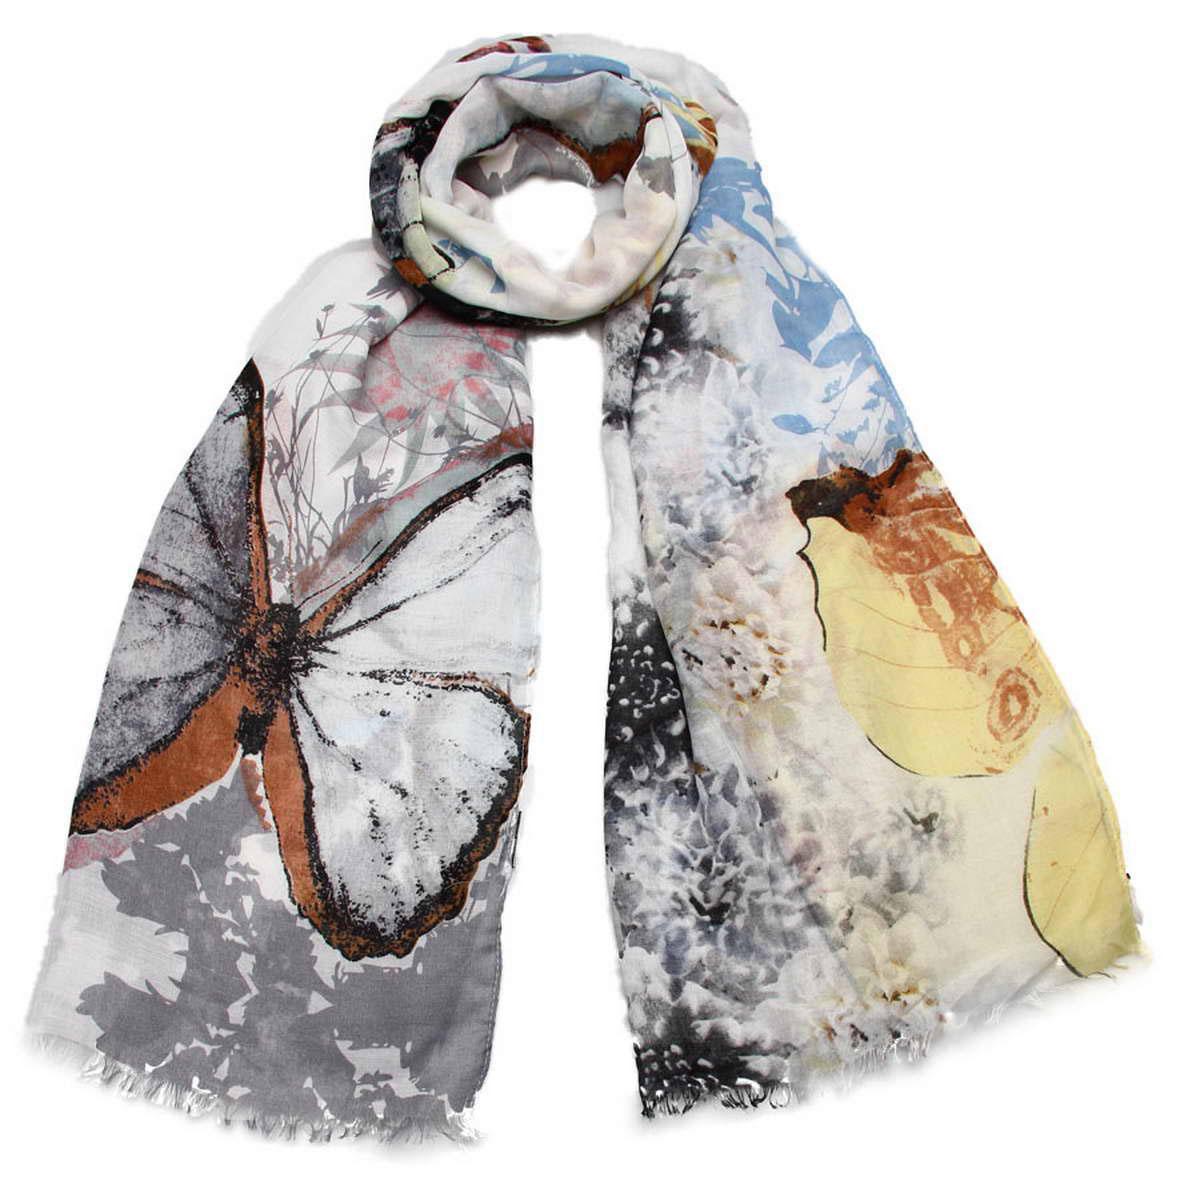 Палантин3415301-05Элегантный палантин Venera согреет вас в непогоду и станет достойным завершением вашего образа. Палантин изготовлен из вискозы. Он украшен тонкой бахромой по краю и оформлен принтом в виде крупных бабочек на фоне цветов. Такой палантин превосходно дополнит любой наряд и подчеркнет ваш изысканный вкус. Легкий и изящный палантин принесет в ваш образ утонченность и шарм, и непременно вызовет восхищение окружающих.